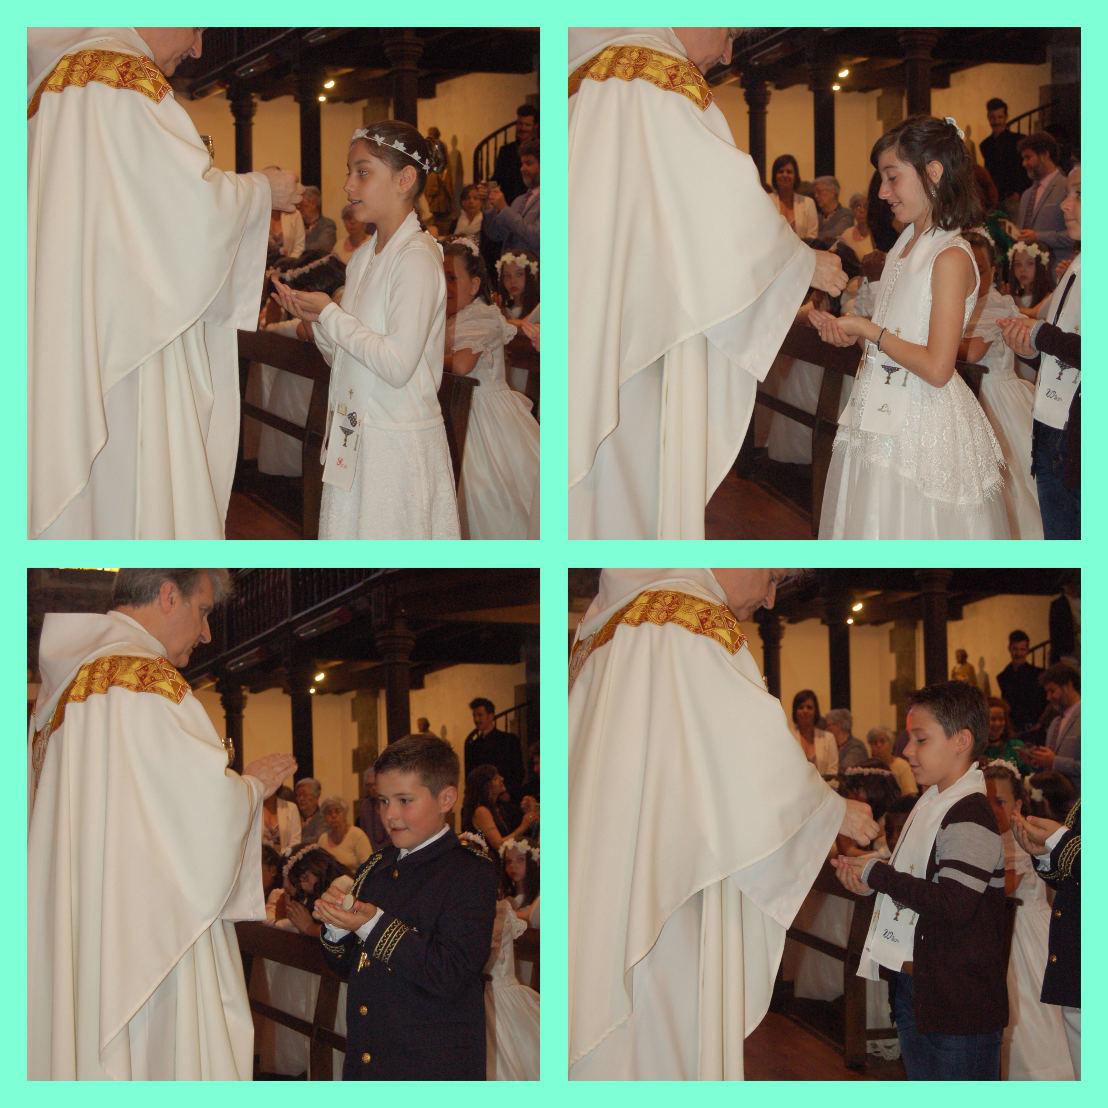 """"""" Puis en attendant la prière, rends grâce à Dieu d'un si grand mystère.""""  Saint Cyrille de Jérusalem"""